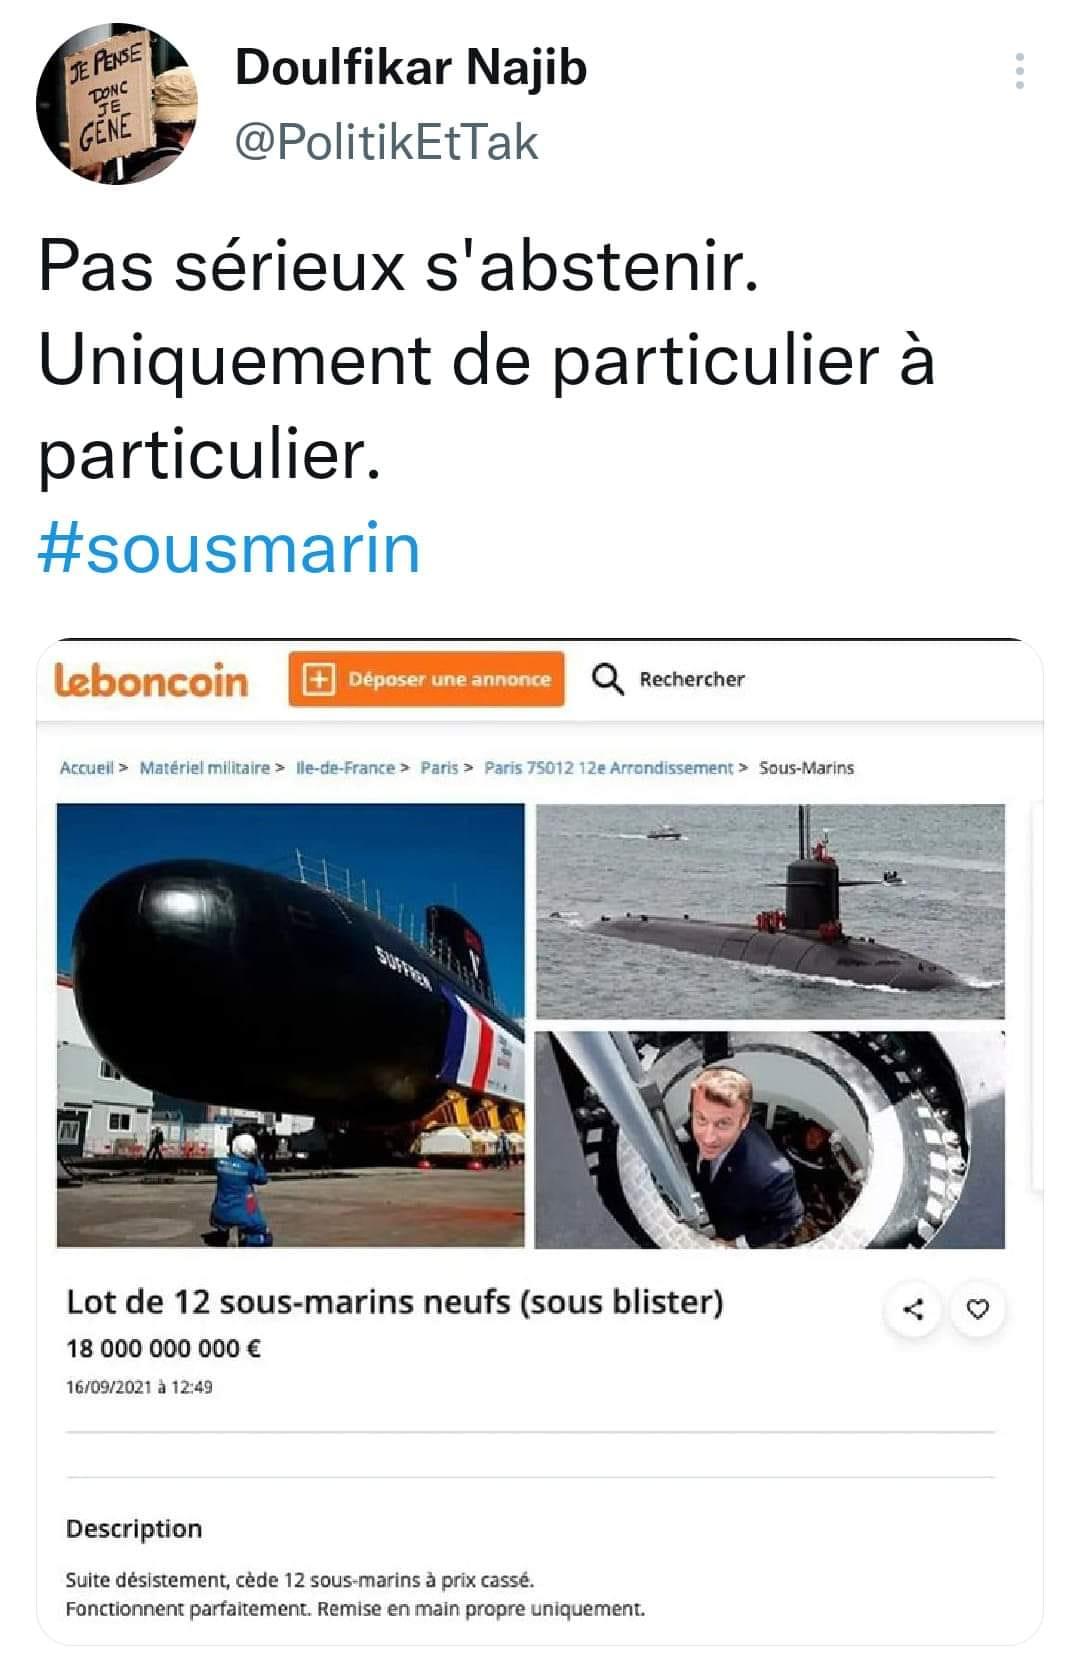 la ptite blague matinale...des sous-marins sous blister .... afin de pointer les autres affaires du bon coin.